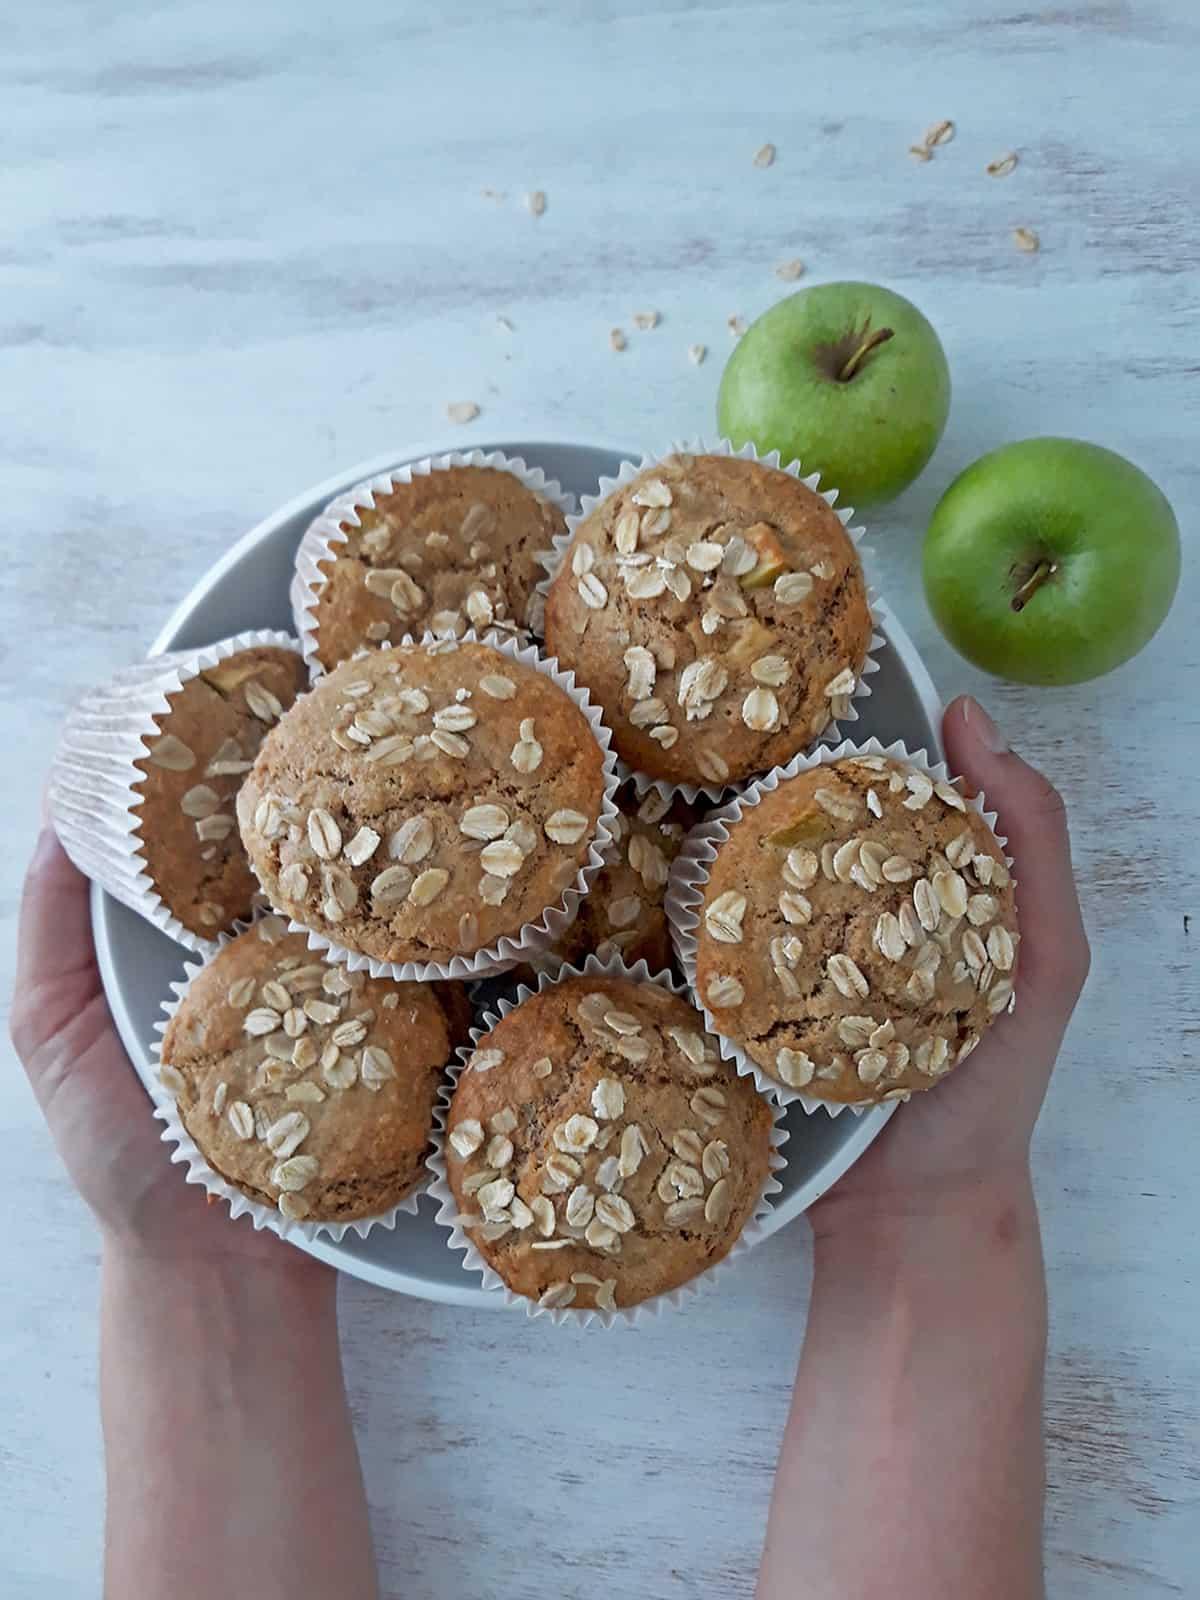 muffins de manzana en un contenedor blanco con dos manzanas frescas